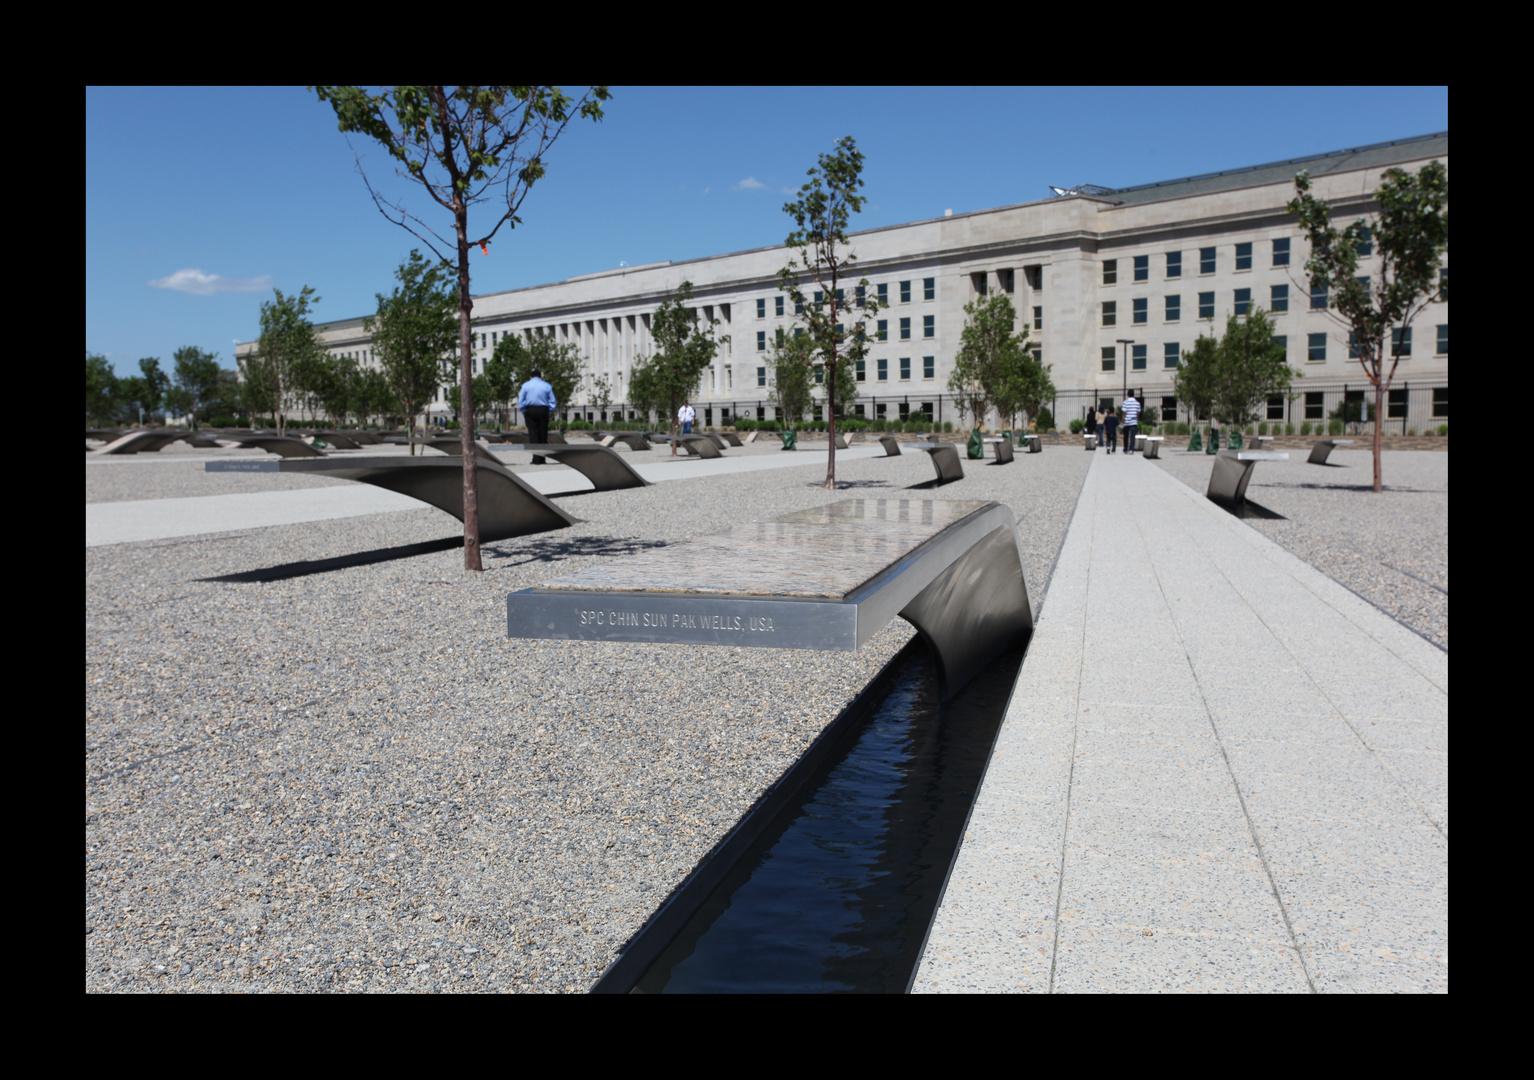 10. Jahrestag des 11. Septermber ,Das Pentagon Memorial